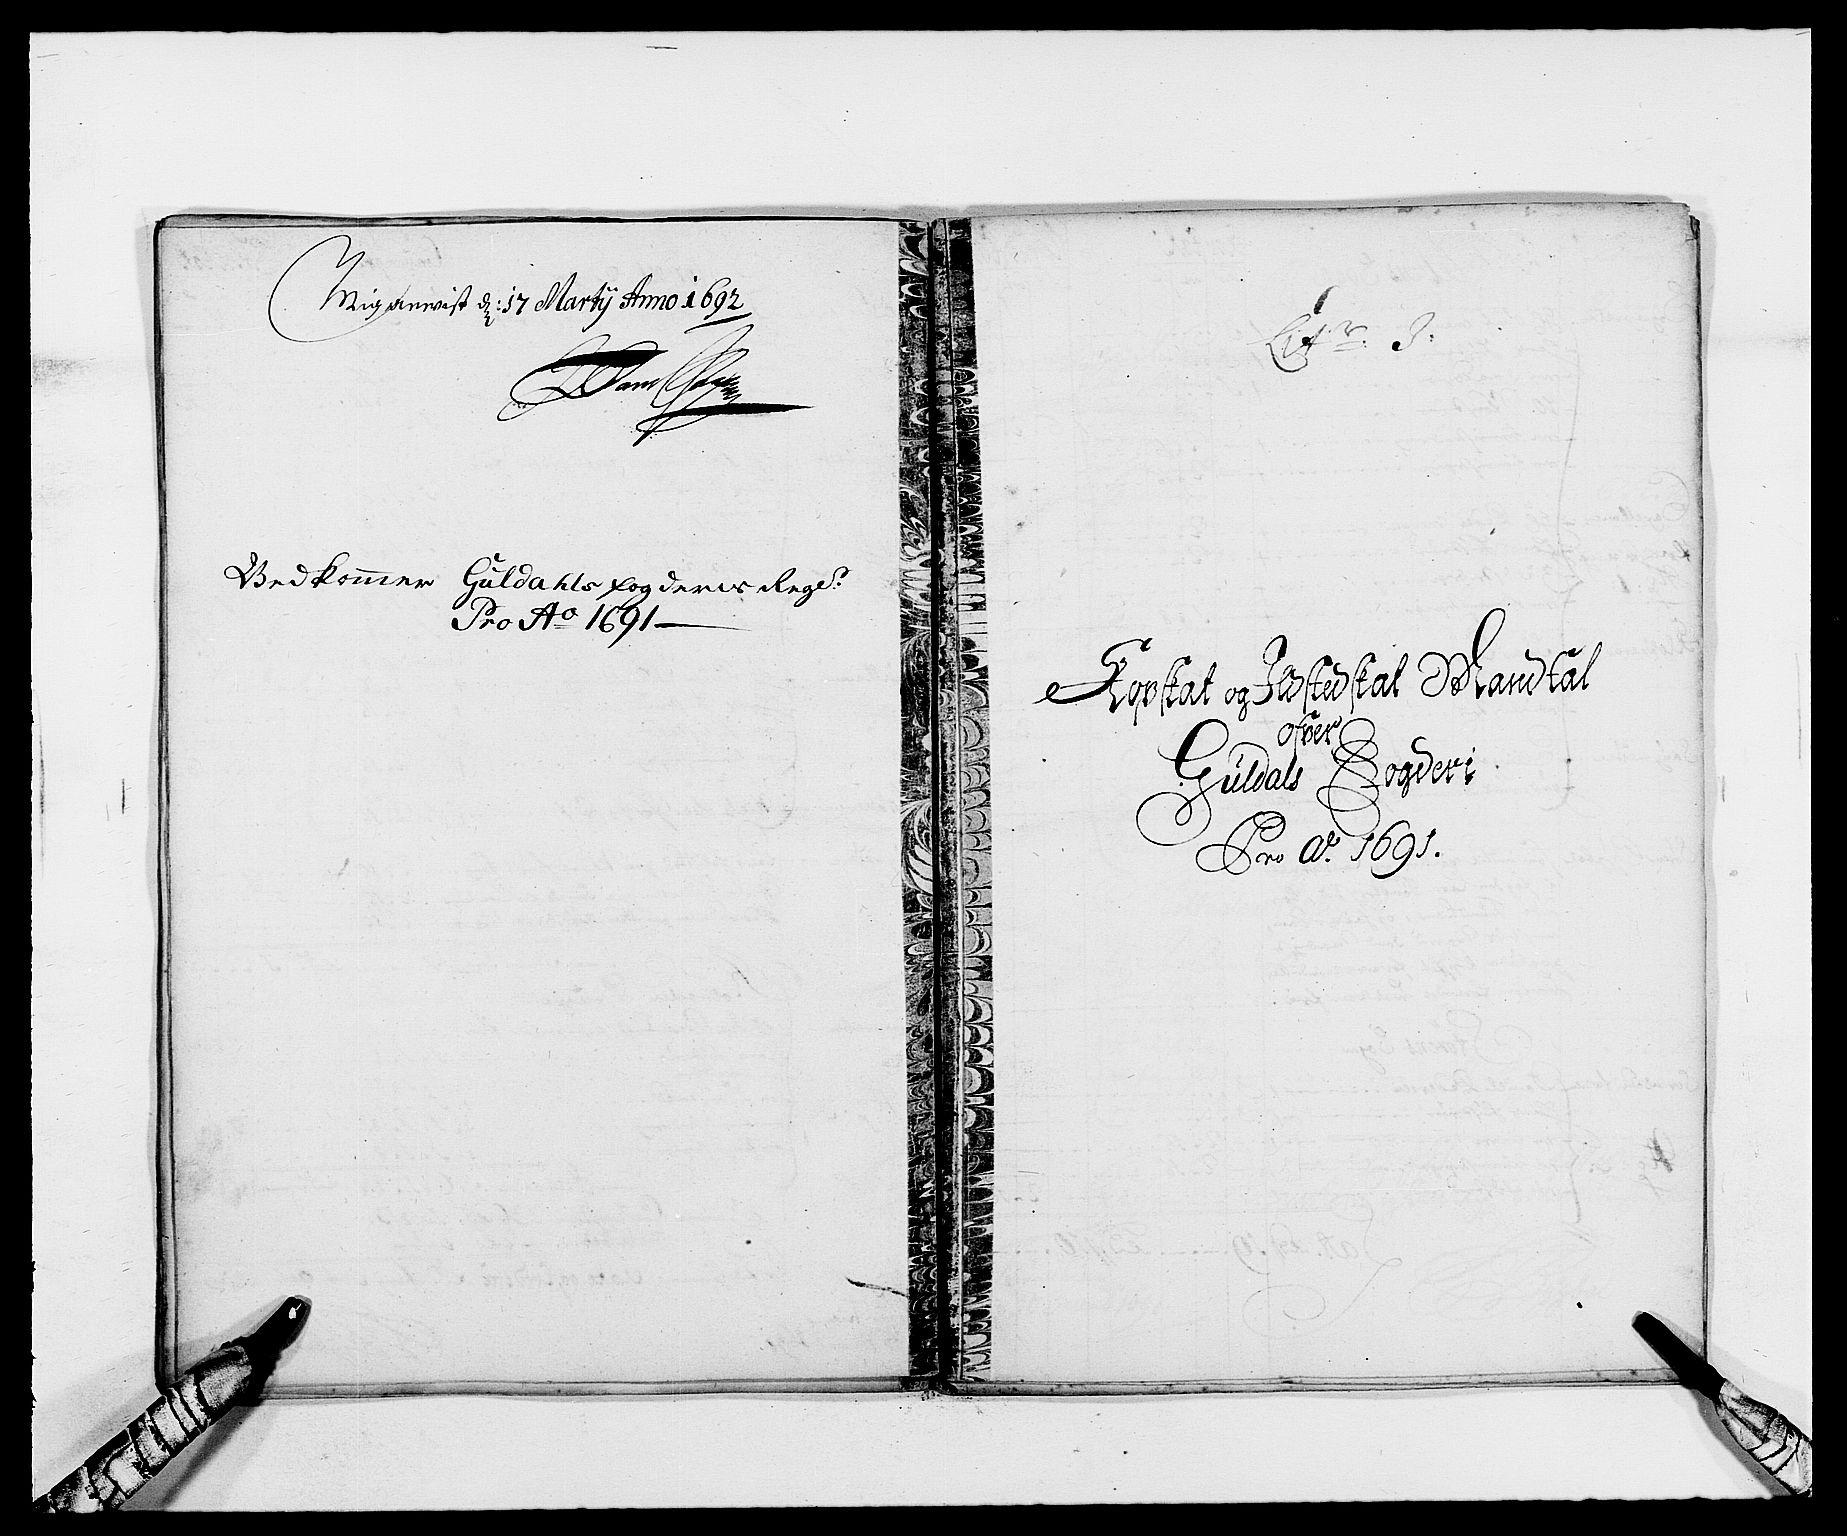 RA, Rentekammeret inntil 1814, Reviderte regnskaper, Fogderegnskap, R59/L3941: Fogderegnskap Gauldal, 1691, s. 111